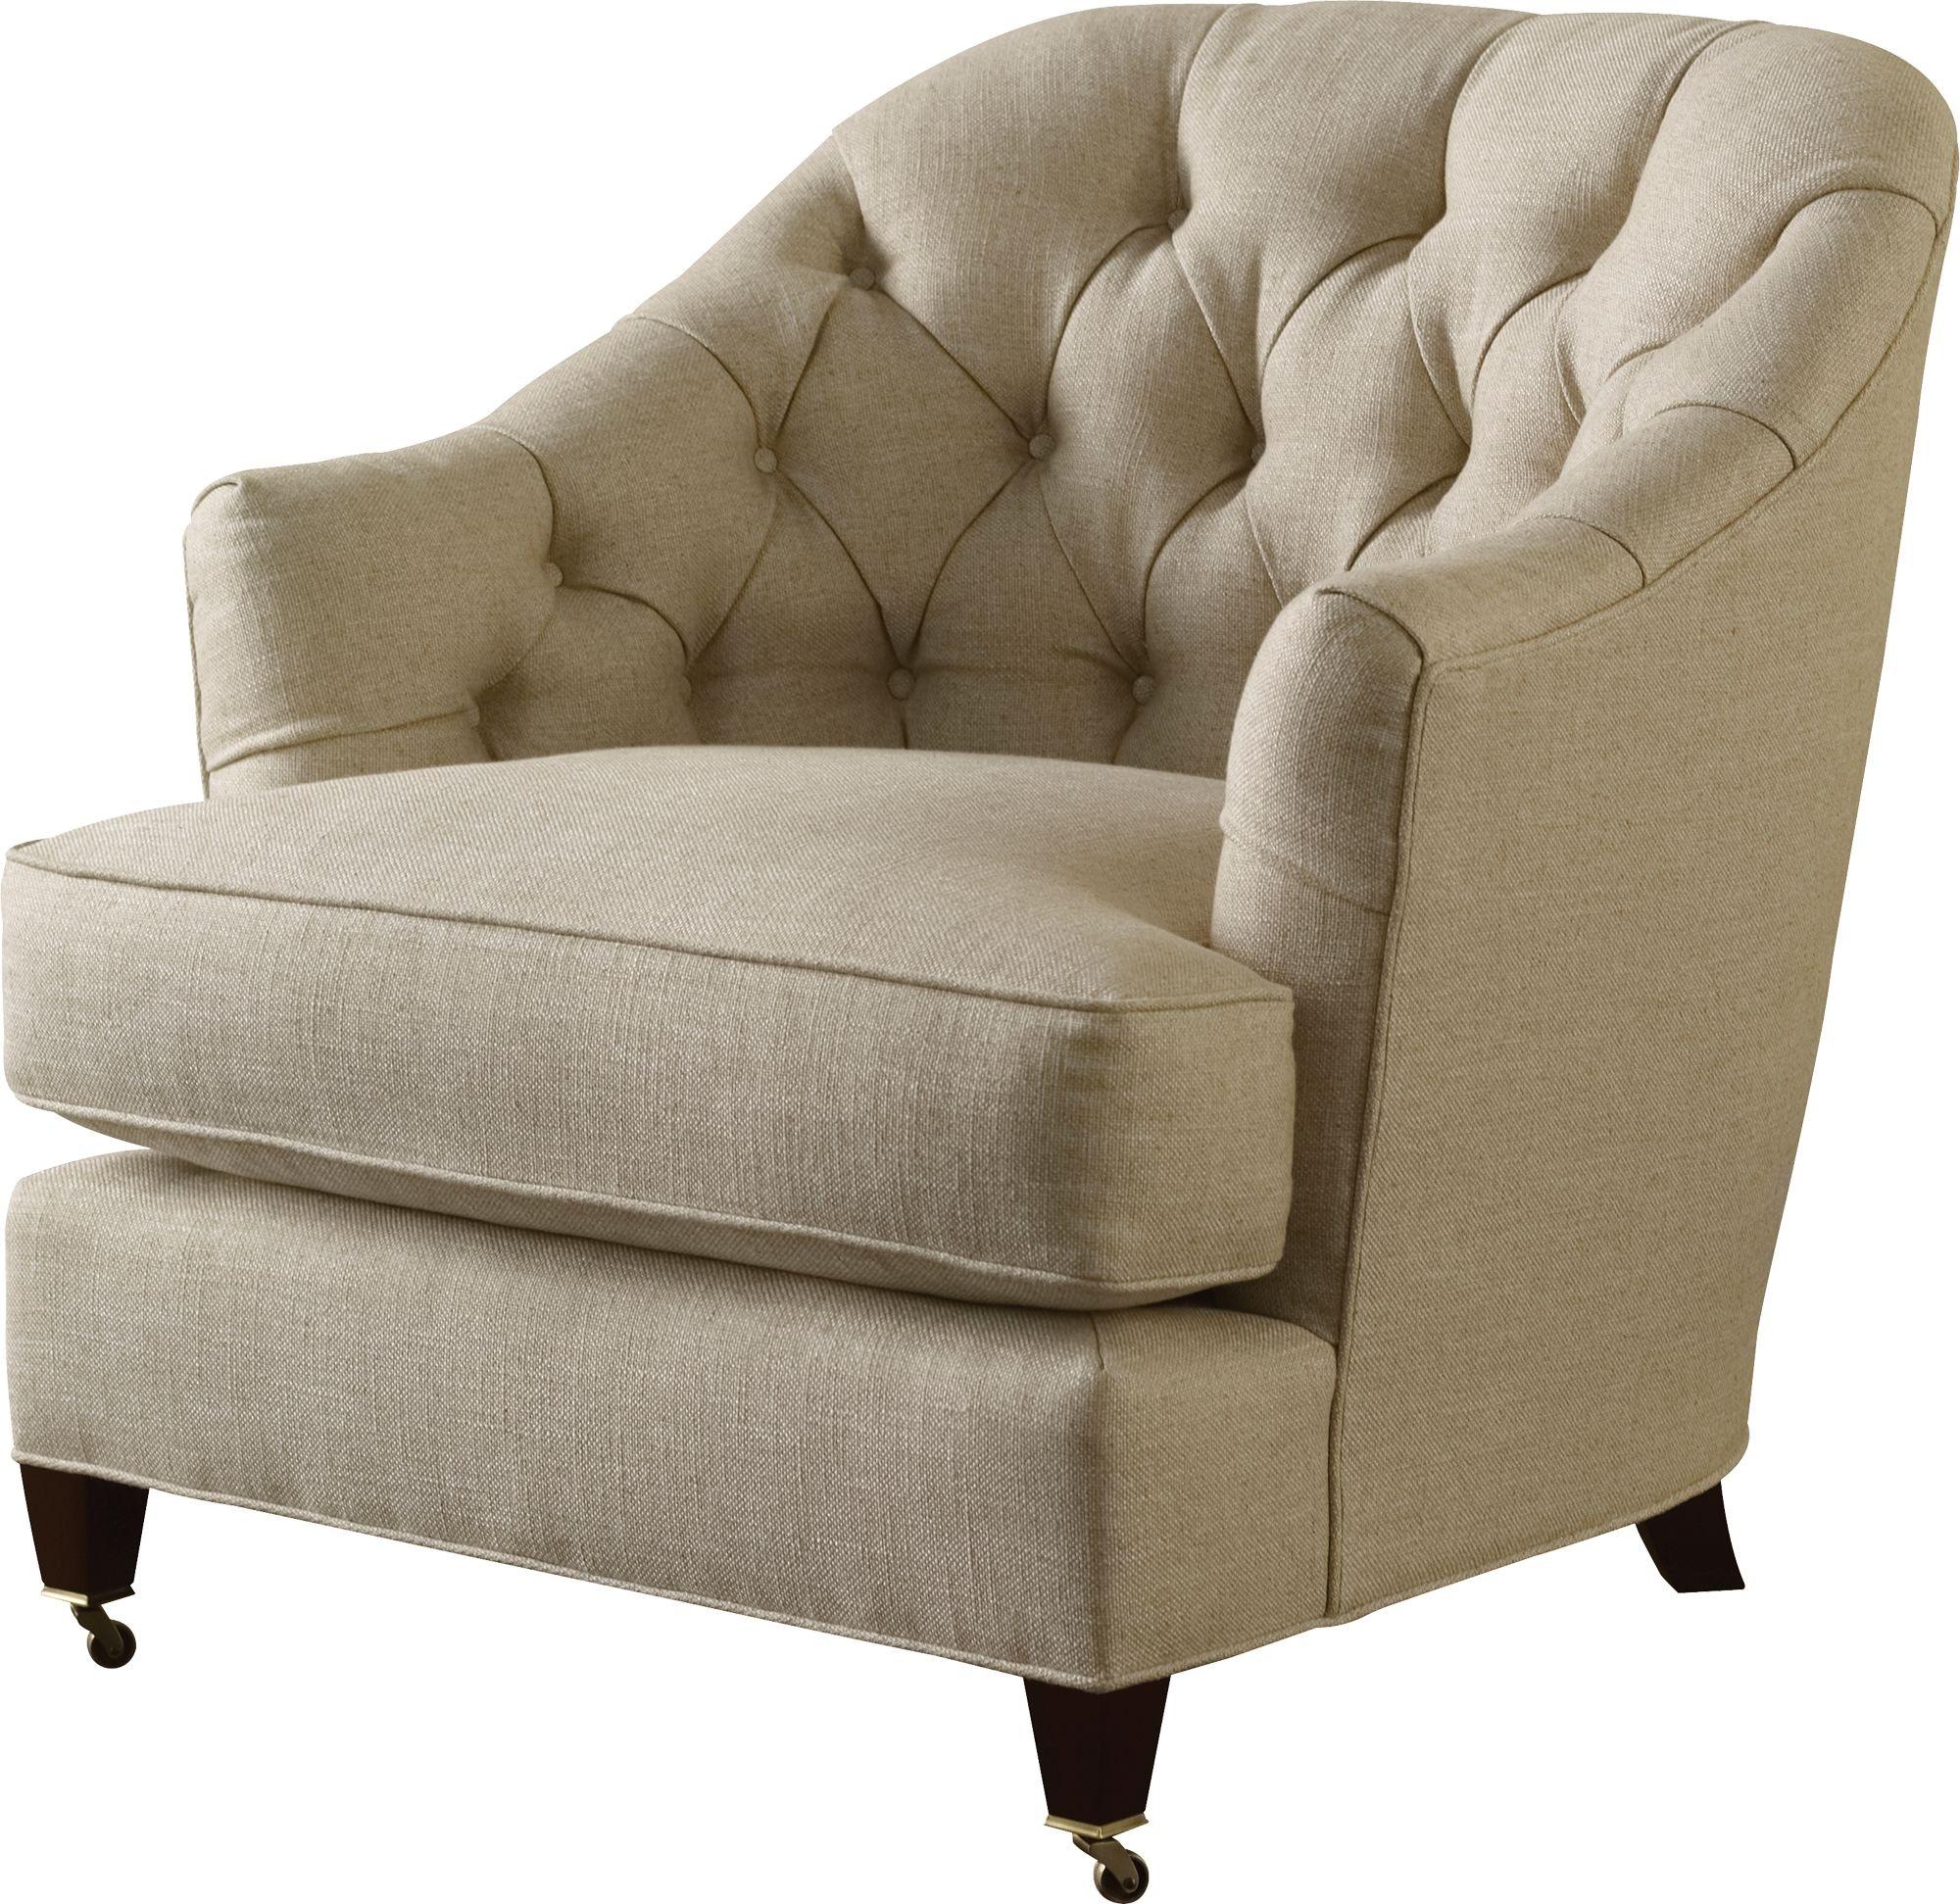 Baker Furniture Thomas Pheasant|Baker Designer Upholstery Windsor Lounge  Chair 6357C